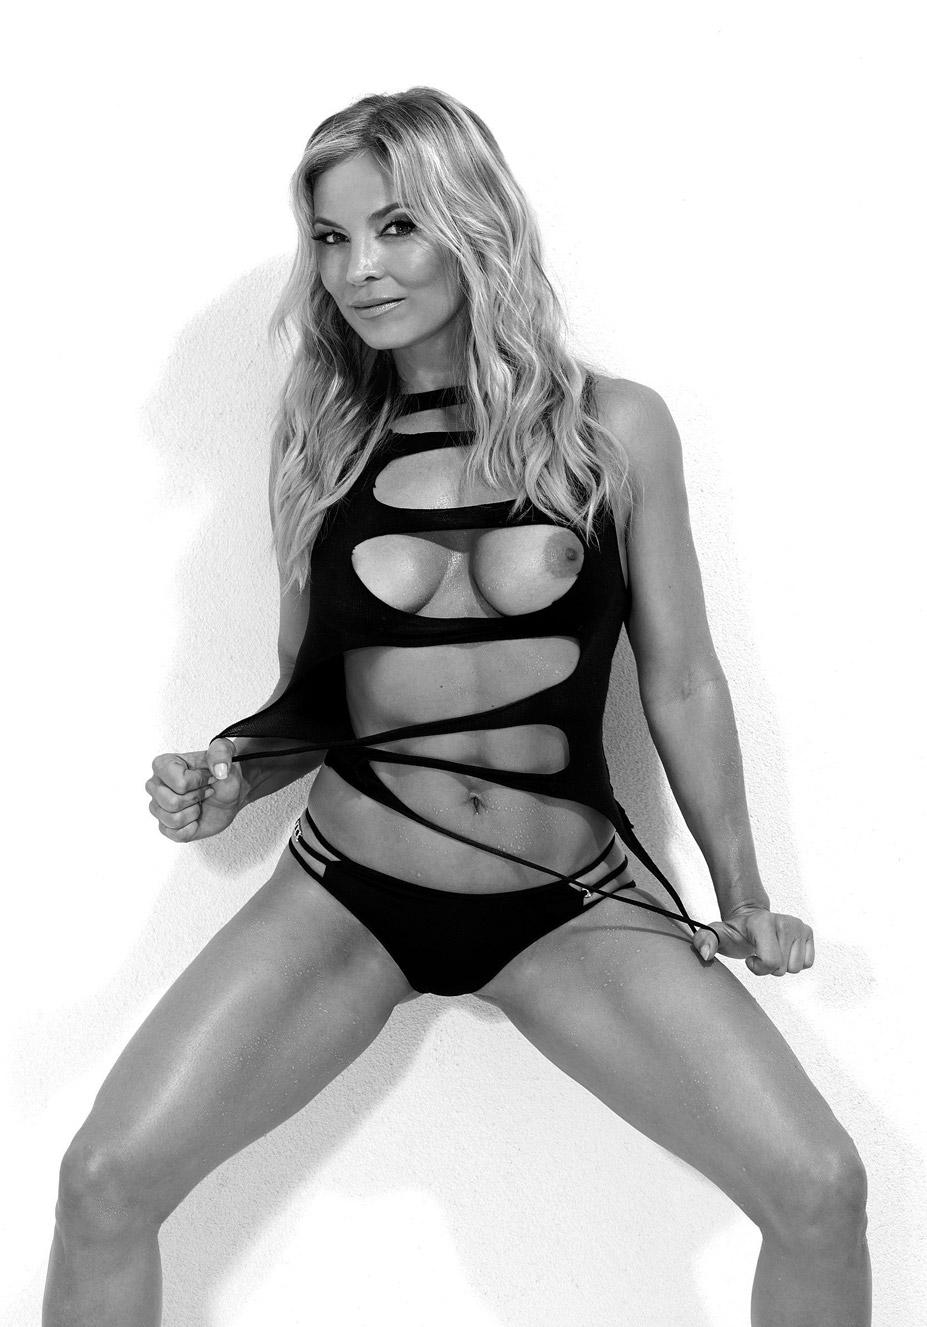 немецкая боксерша Регина Хальмих / Regina Halmich - Playboy Germany march 2015